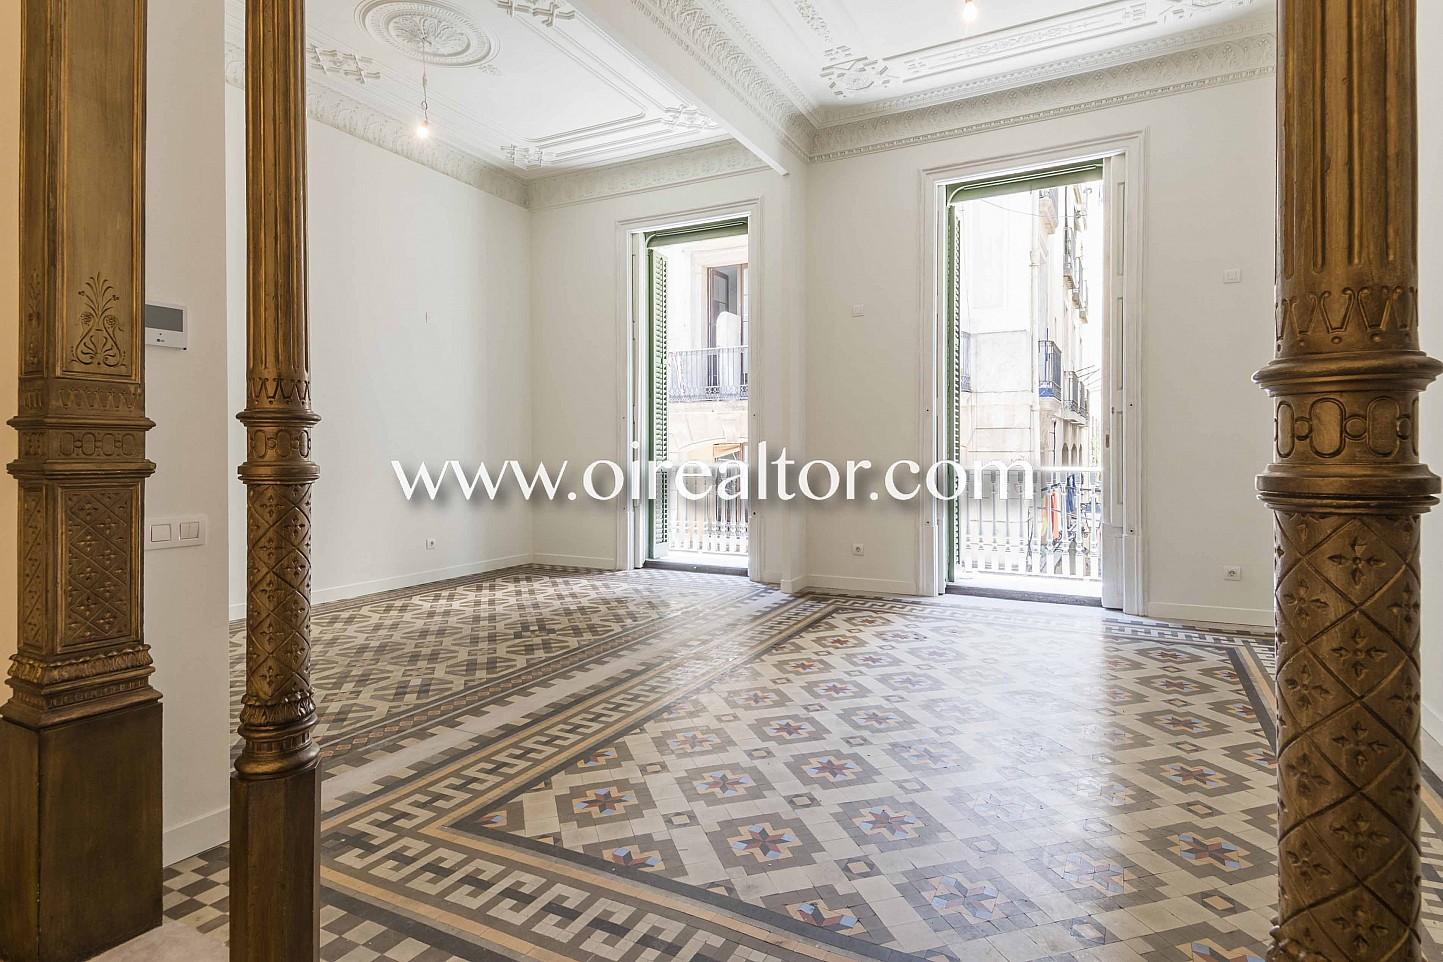 suelo de mosaico, mosaico, salón comedor, salón, comedor, balcón salón con balcón, vistas a la ciudad, modernista, piso modernista